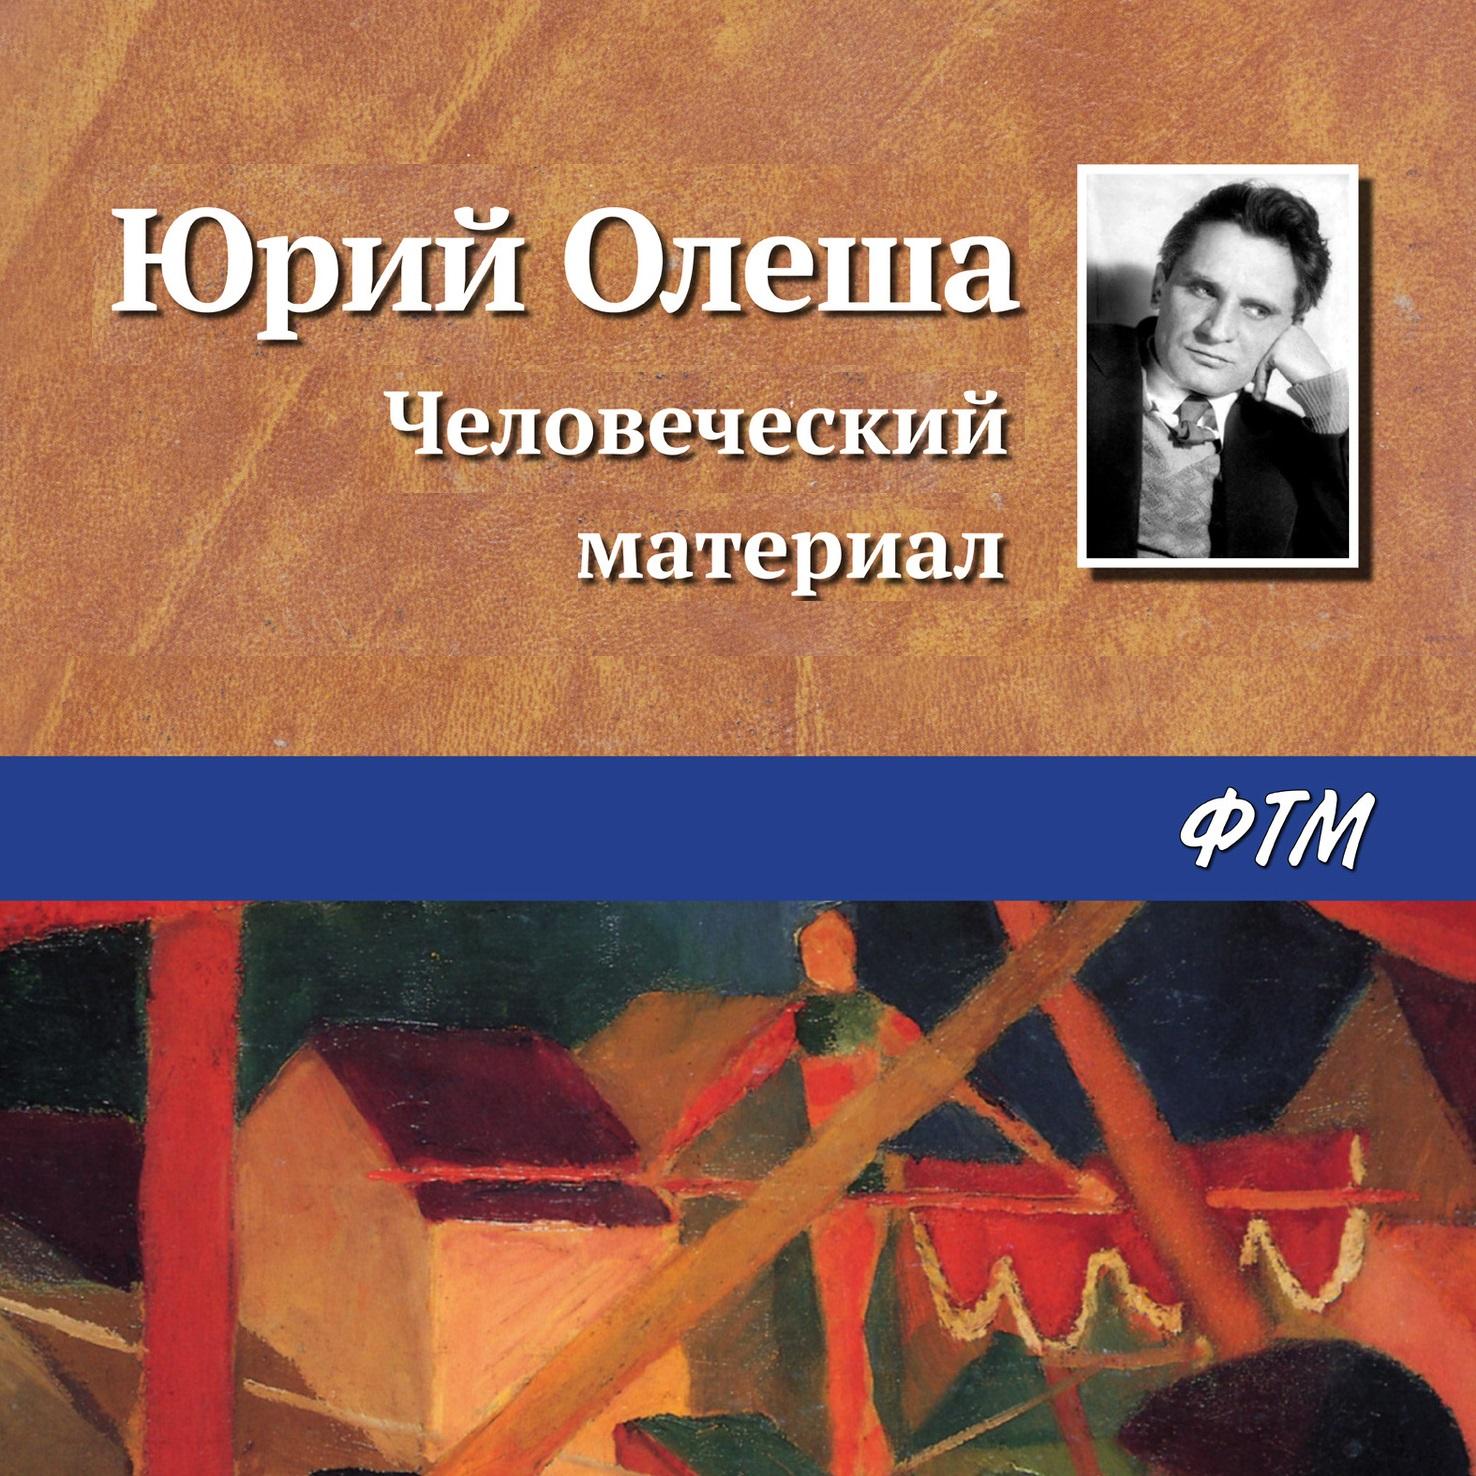 Купить книгу Человеческий материал, автора Юрия Олеши